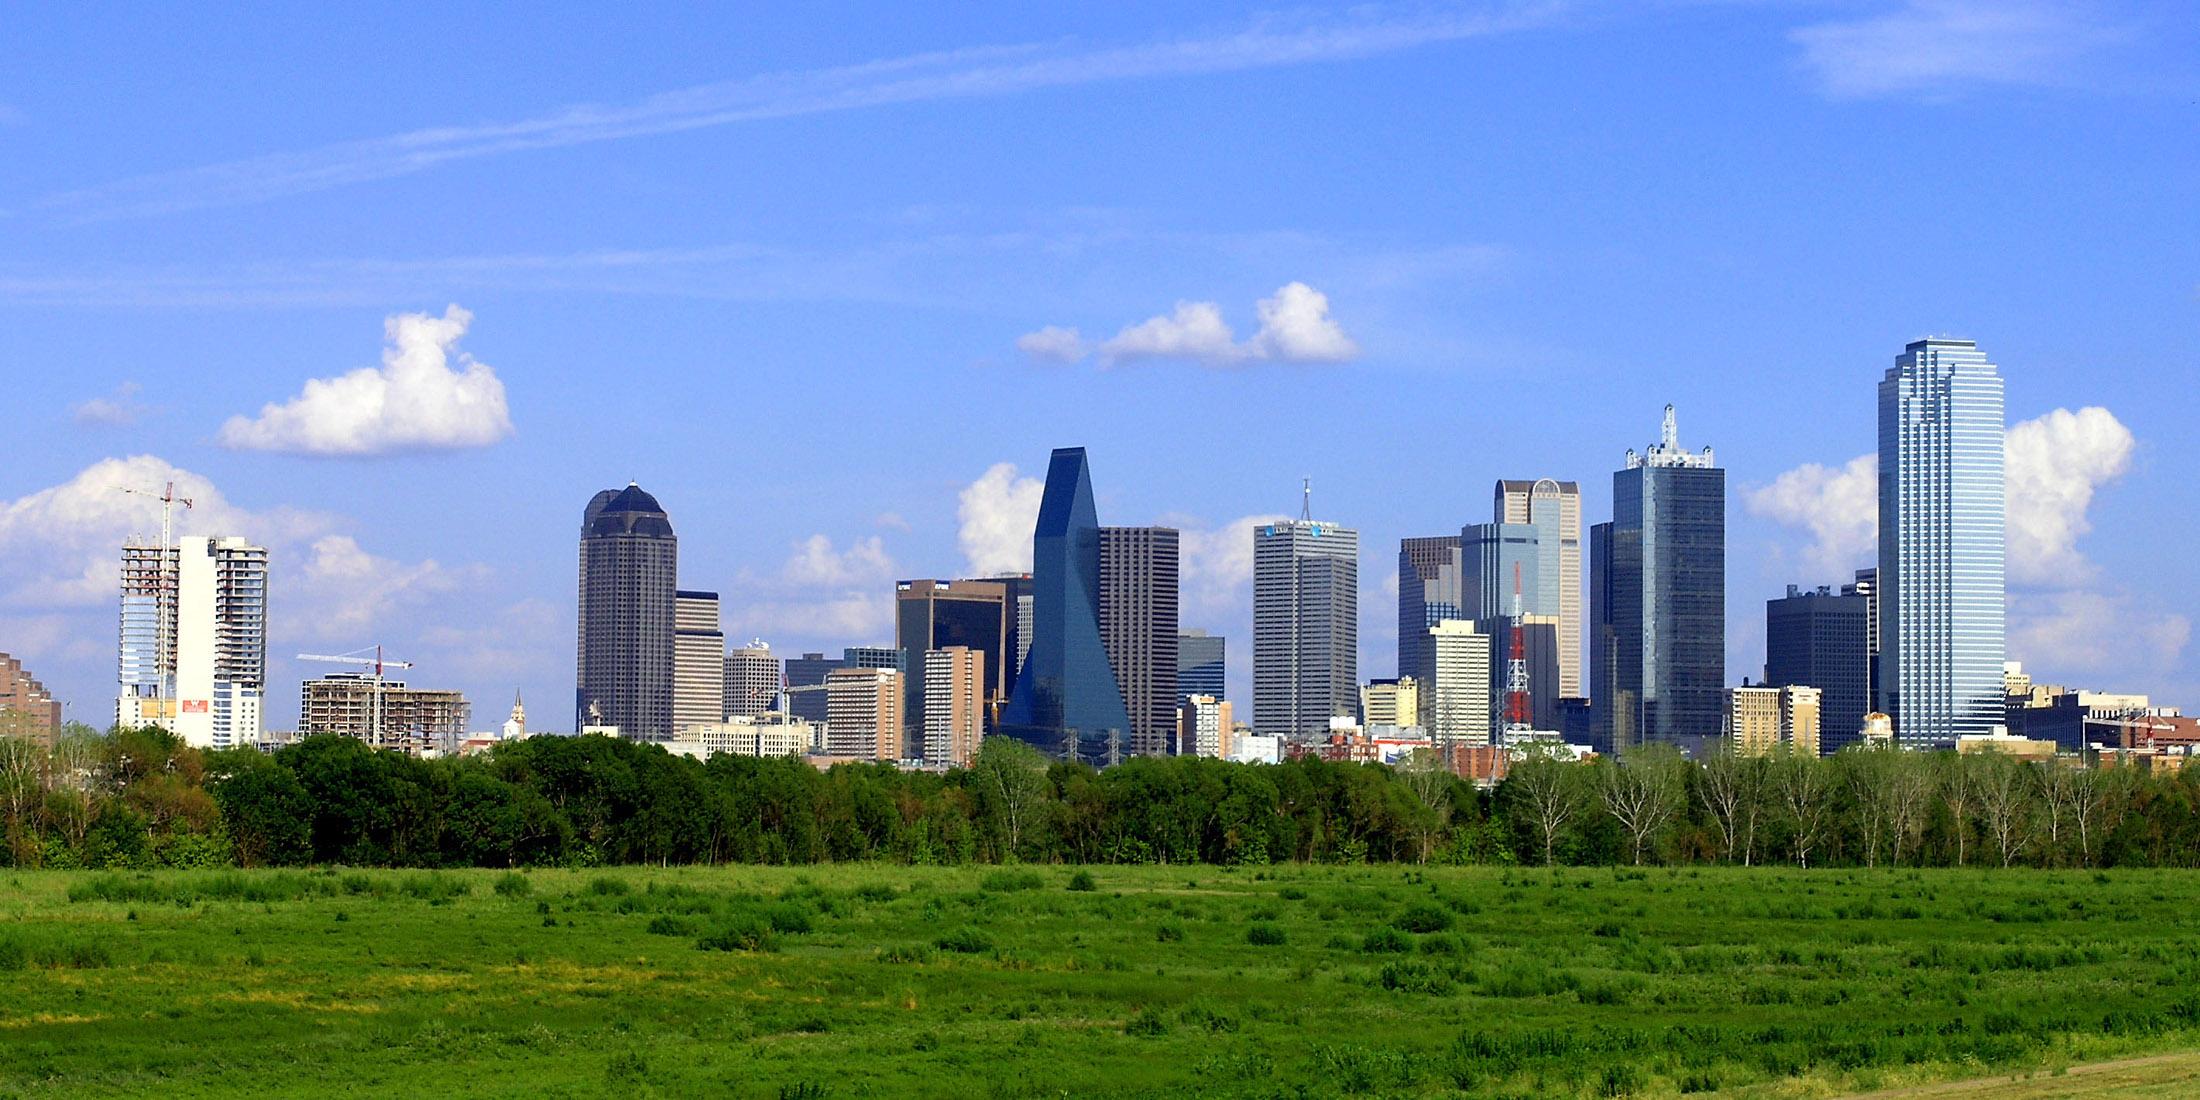 ���� ��� ������ ���� ����  ��������:Dallas,_Texas_Skyline_2005.jpg ���������:8 ��������:550.9 �������� �����:25498